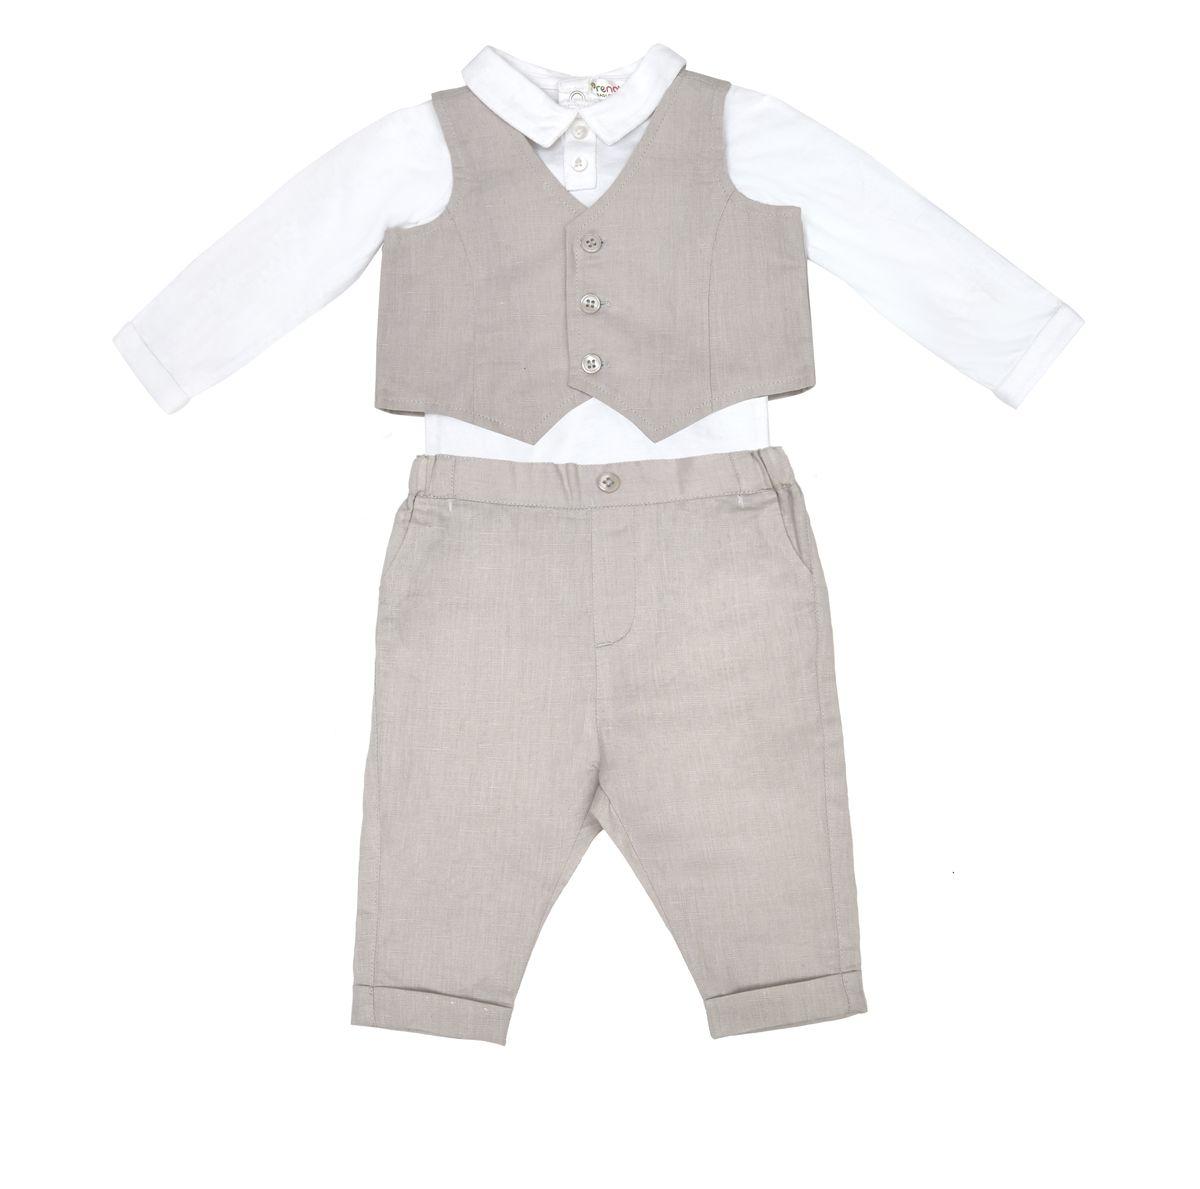 nuovo design attraente e resistente funzionario di vendita caldo Abbigliamento per bambini Prenatal, collezione primavera ...